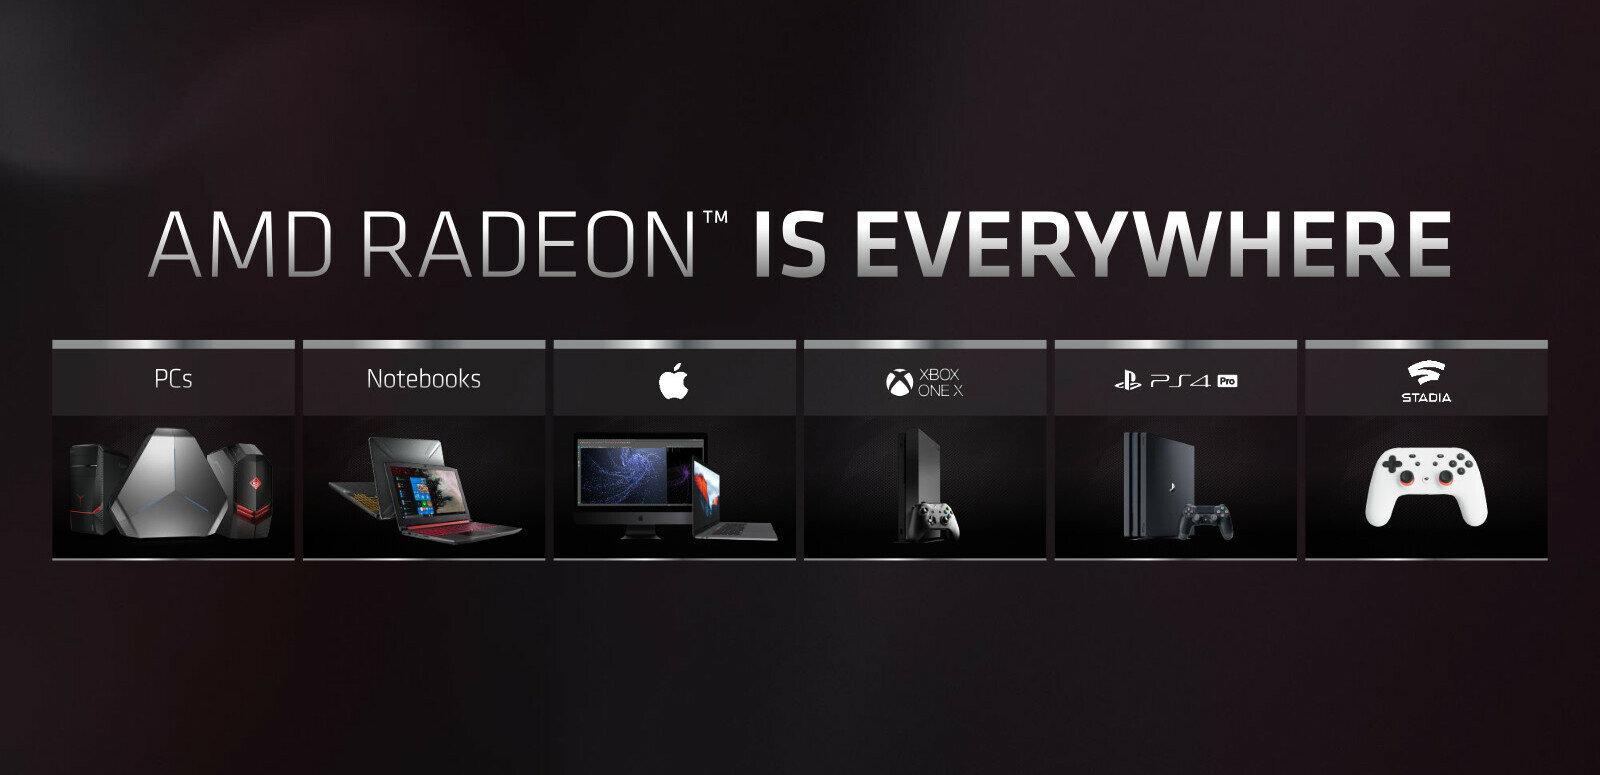 Radeon Everywhere : AMD annonce un partenariat stratégique avec Samsung